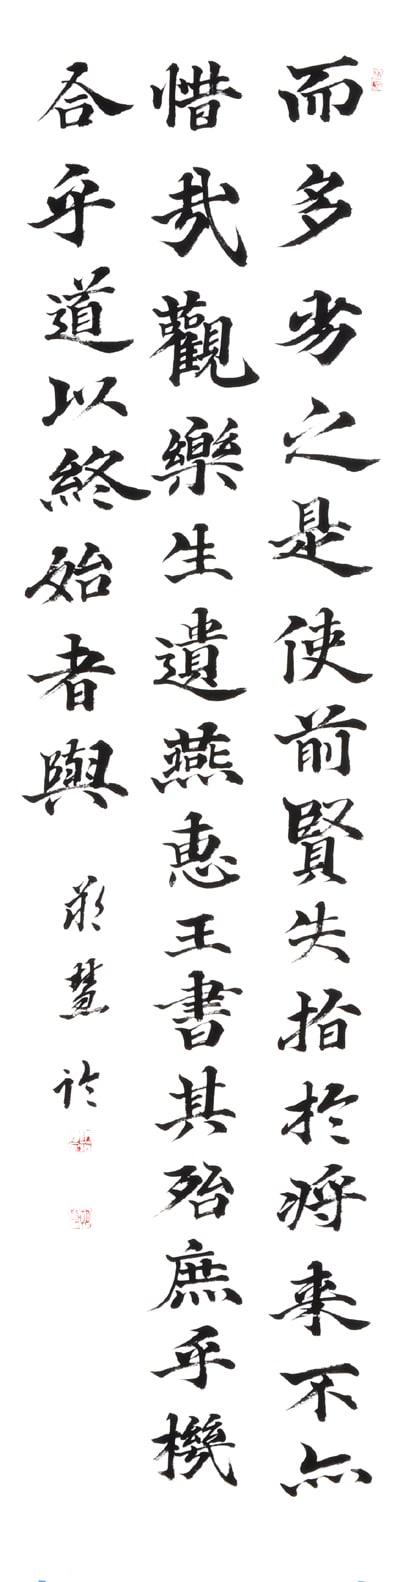 伊藤朔慧2019全書芸展作品画像